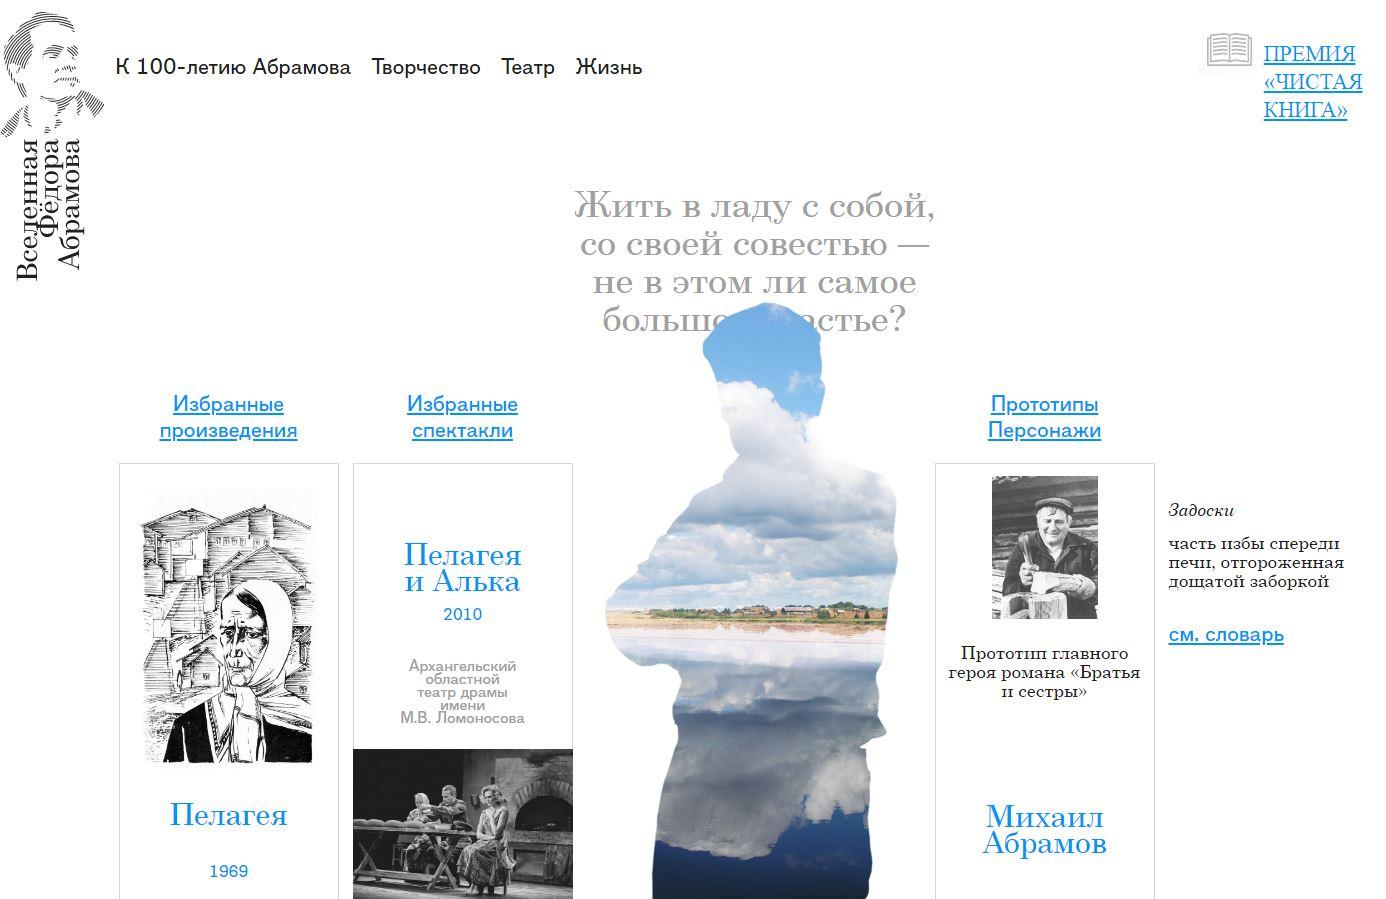 Проект к юбилею Федора Абрамова